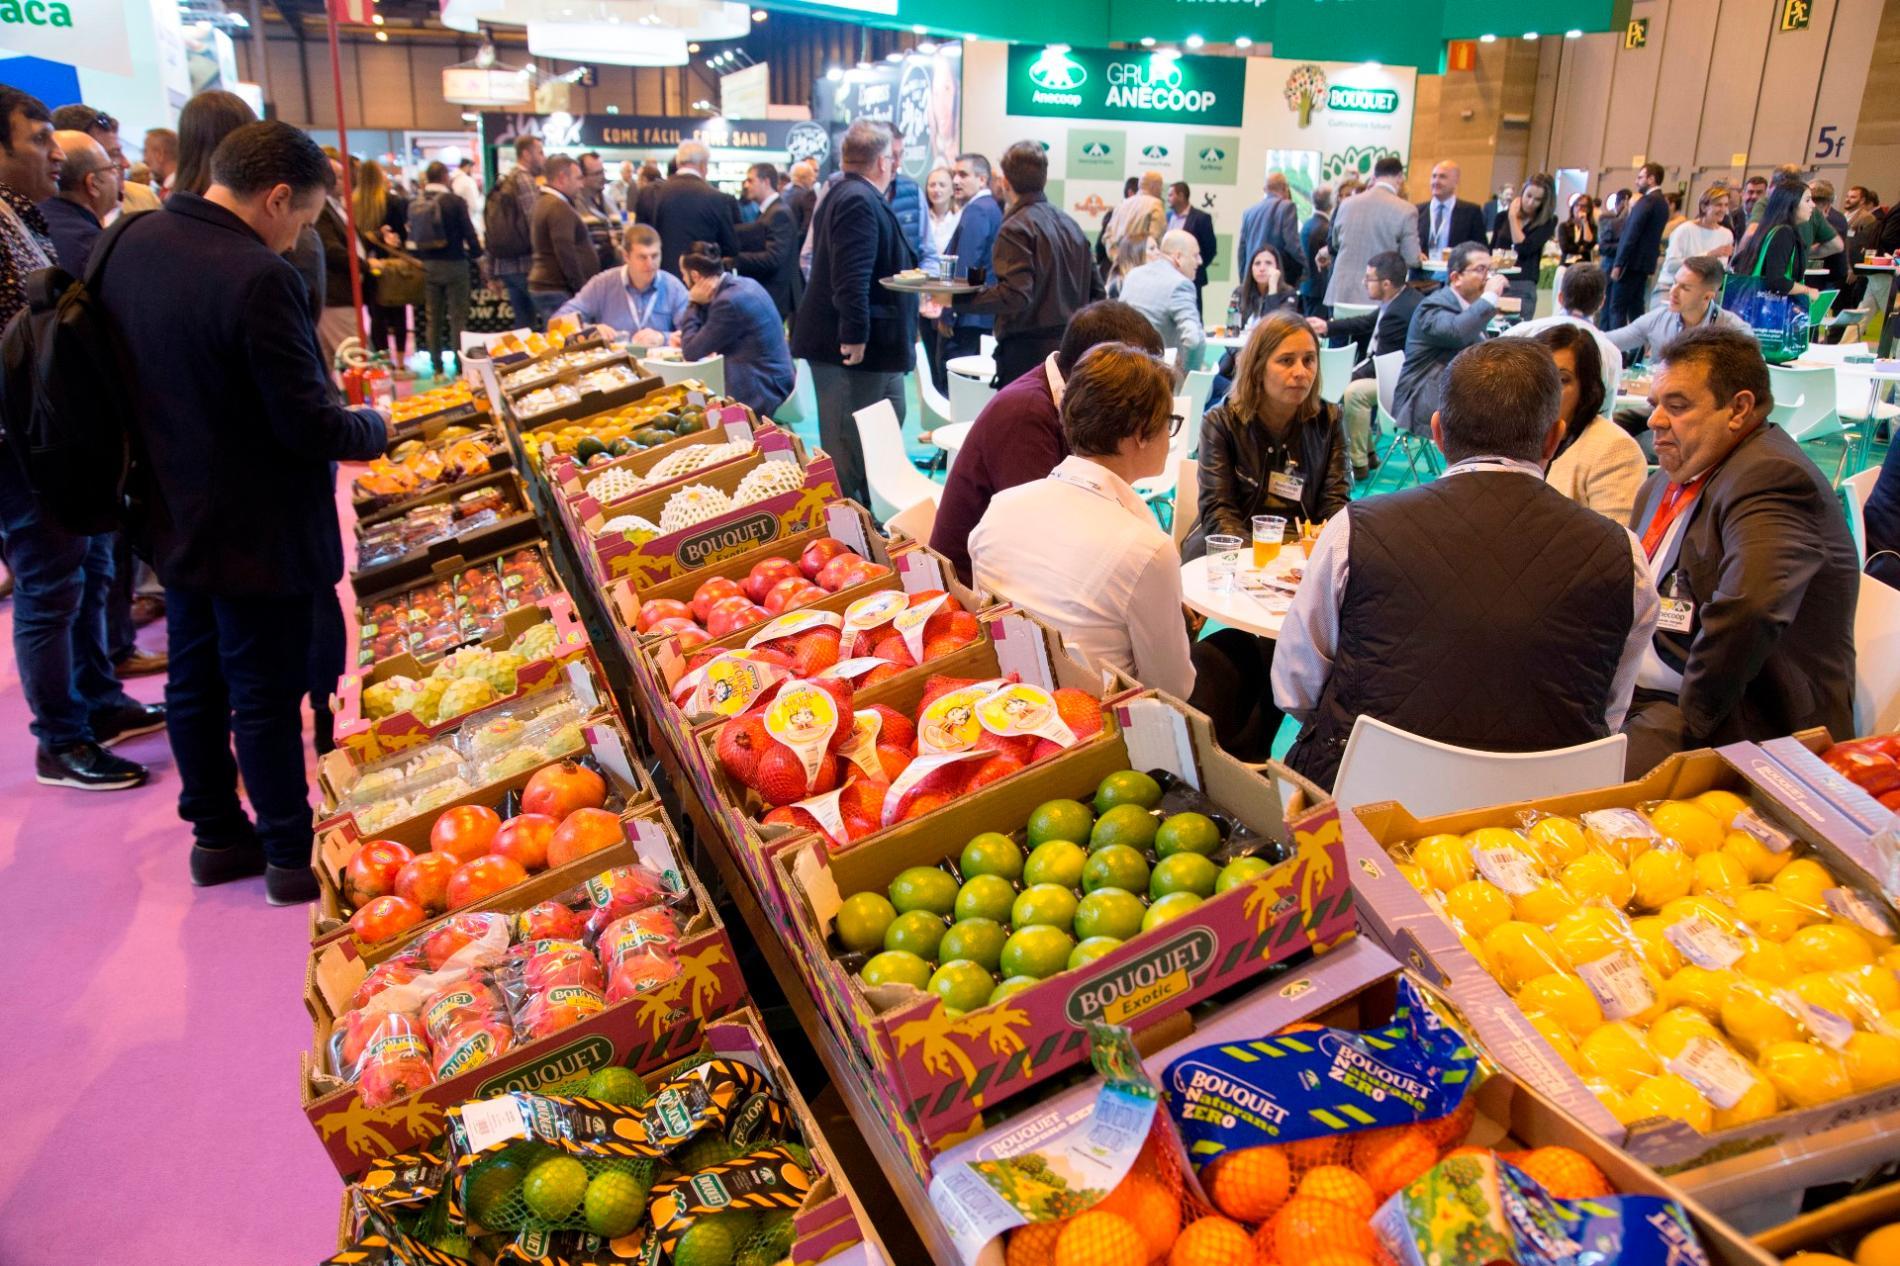 Fruit Attraction aumenta un 10% con relación a 2018, tanto del espacio expositivo, que supera los 55.000 metros cuadrados, como del número de expositores, que asciende a 1.800.